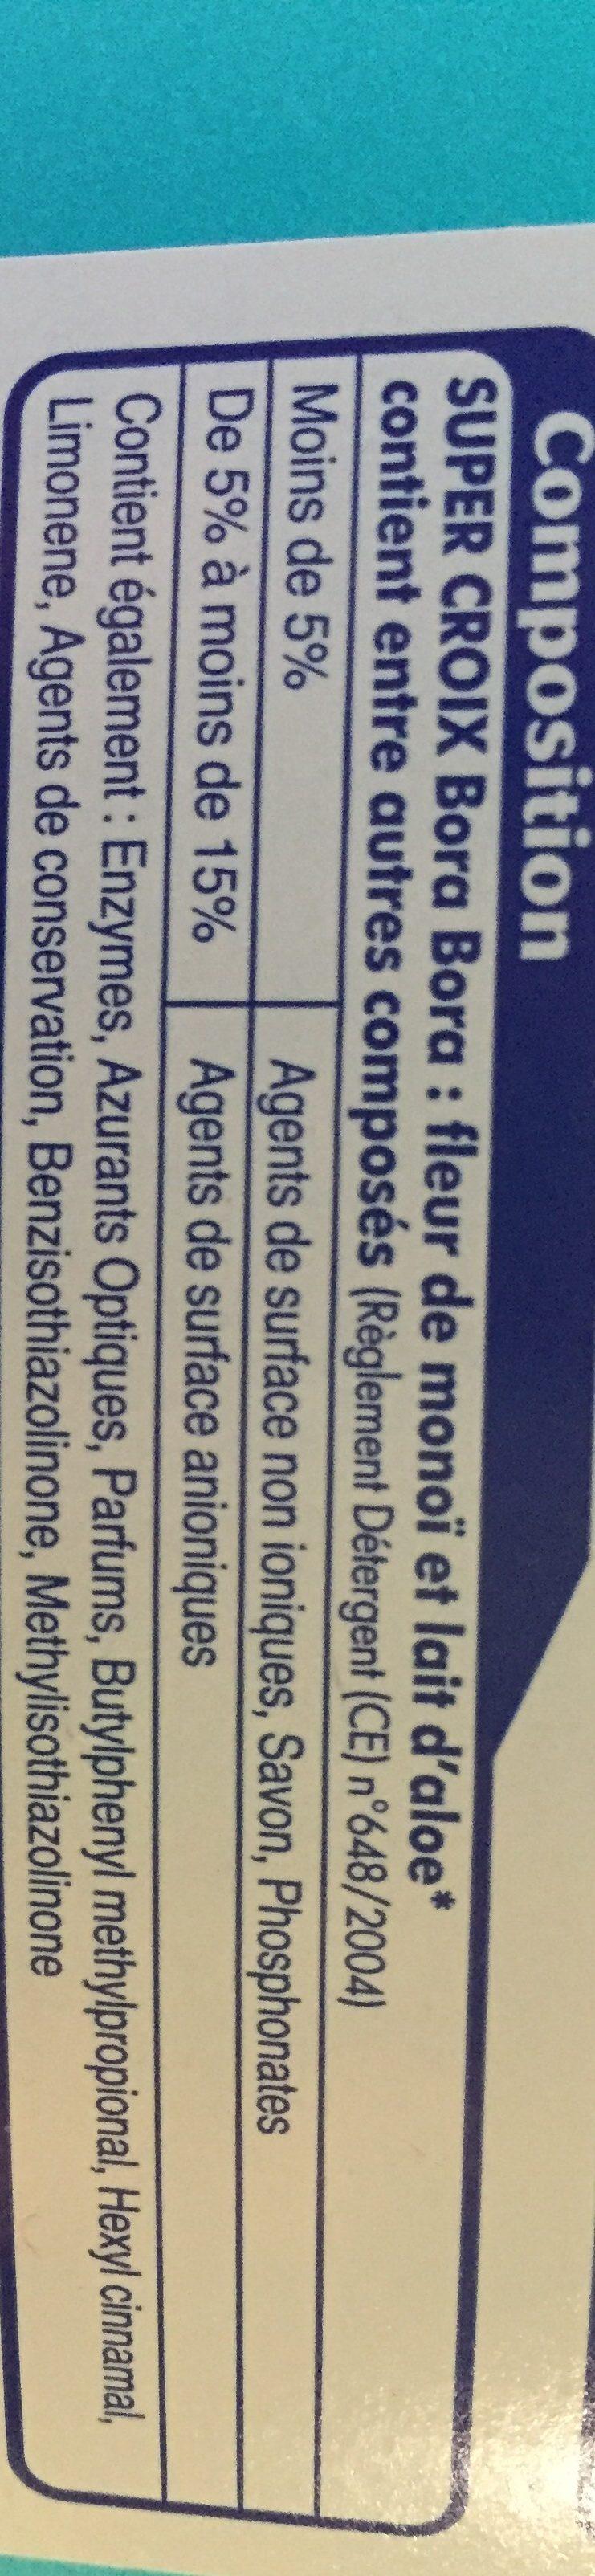 Super Croix - Bora Bora Flüssigwaschmittel [3,010liter] - Ingredients - fr